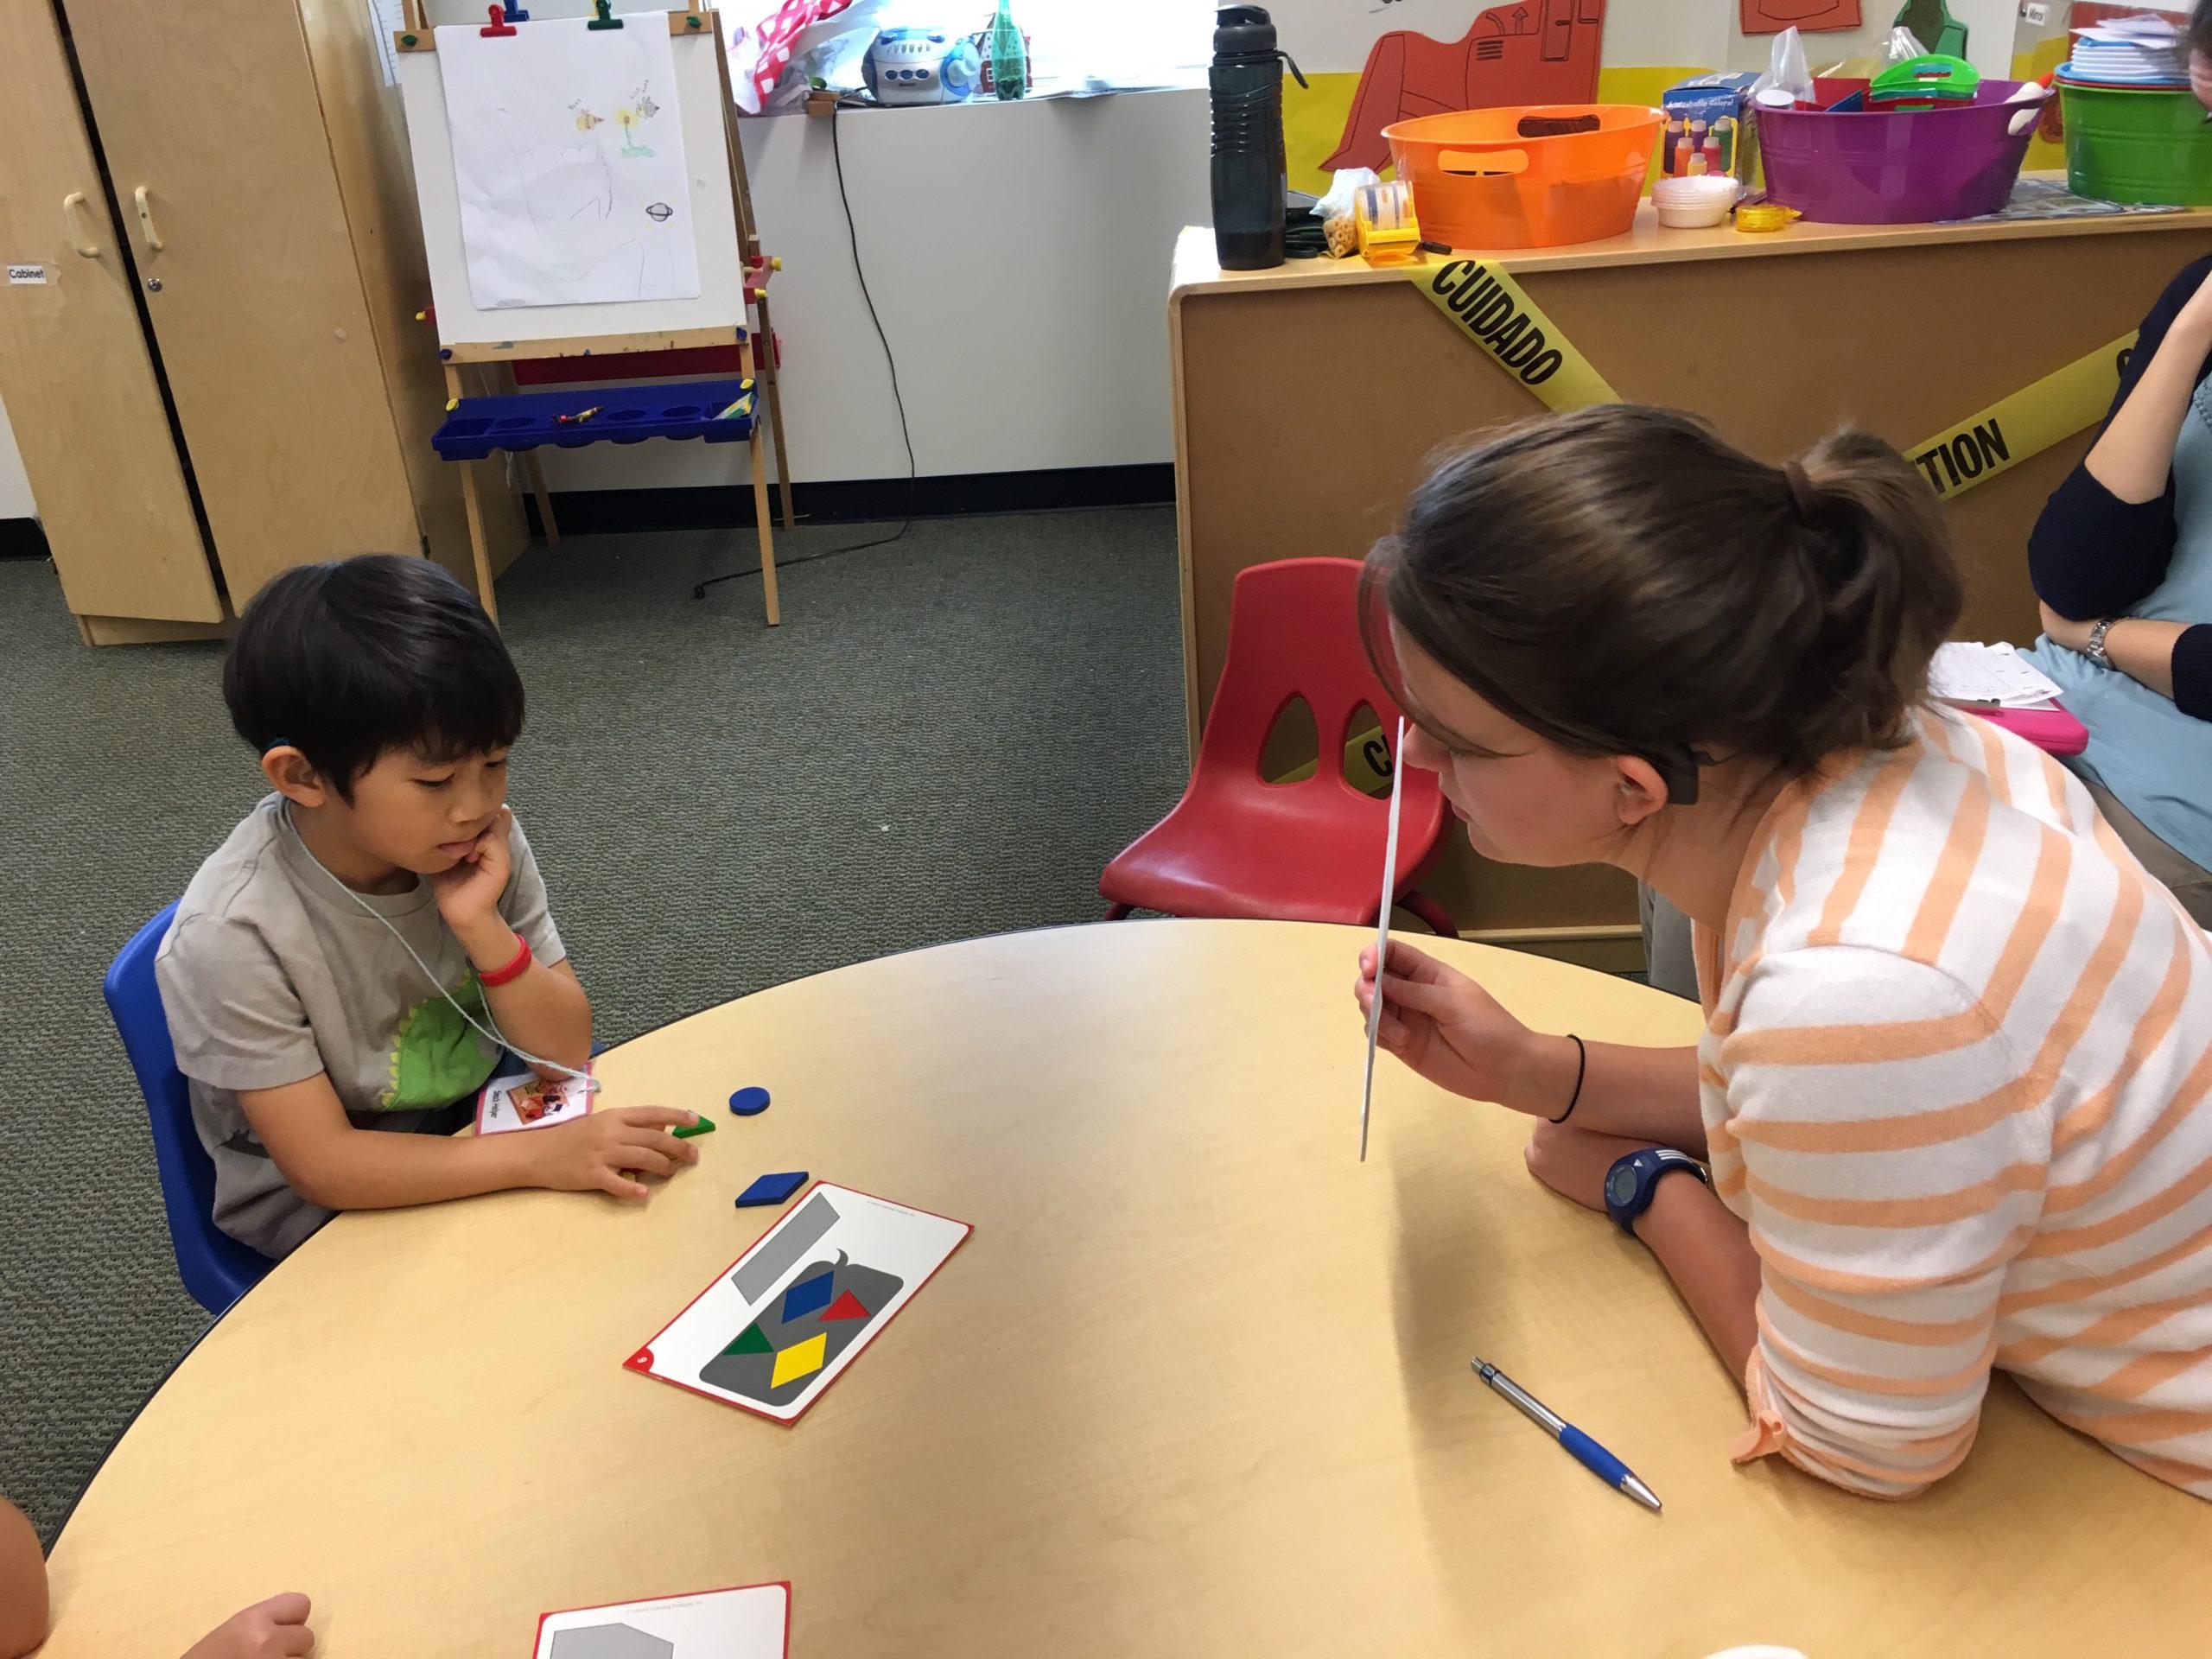 Speech therapist evaluating pediatric client